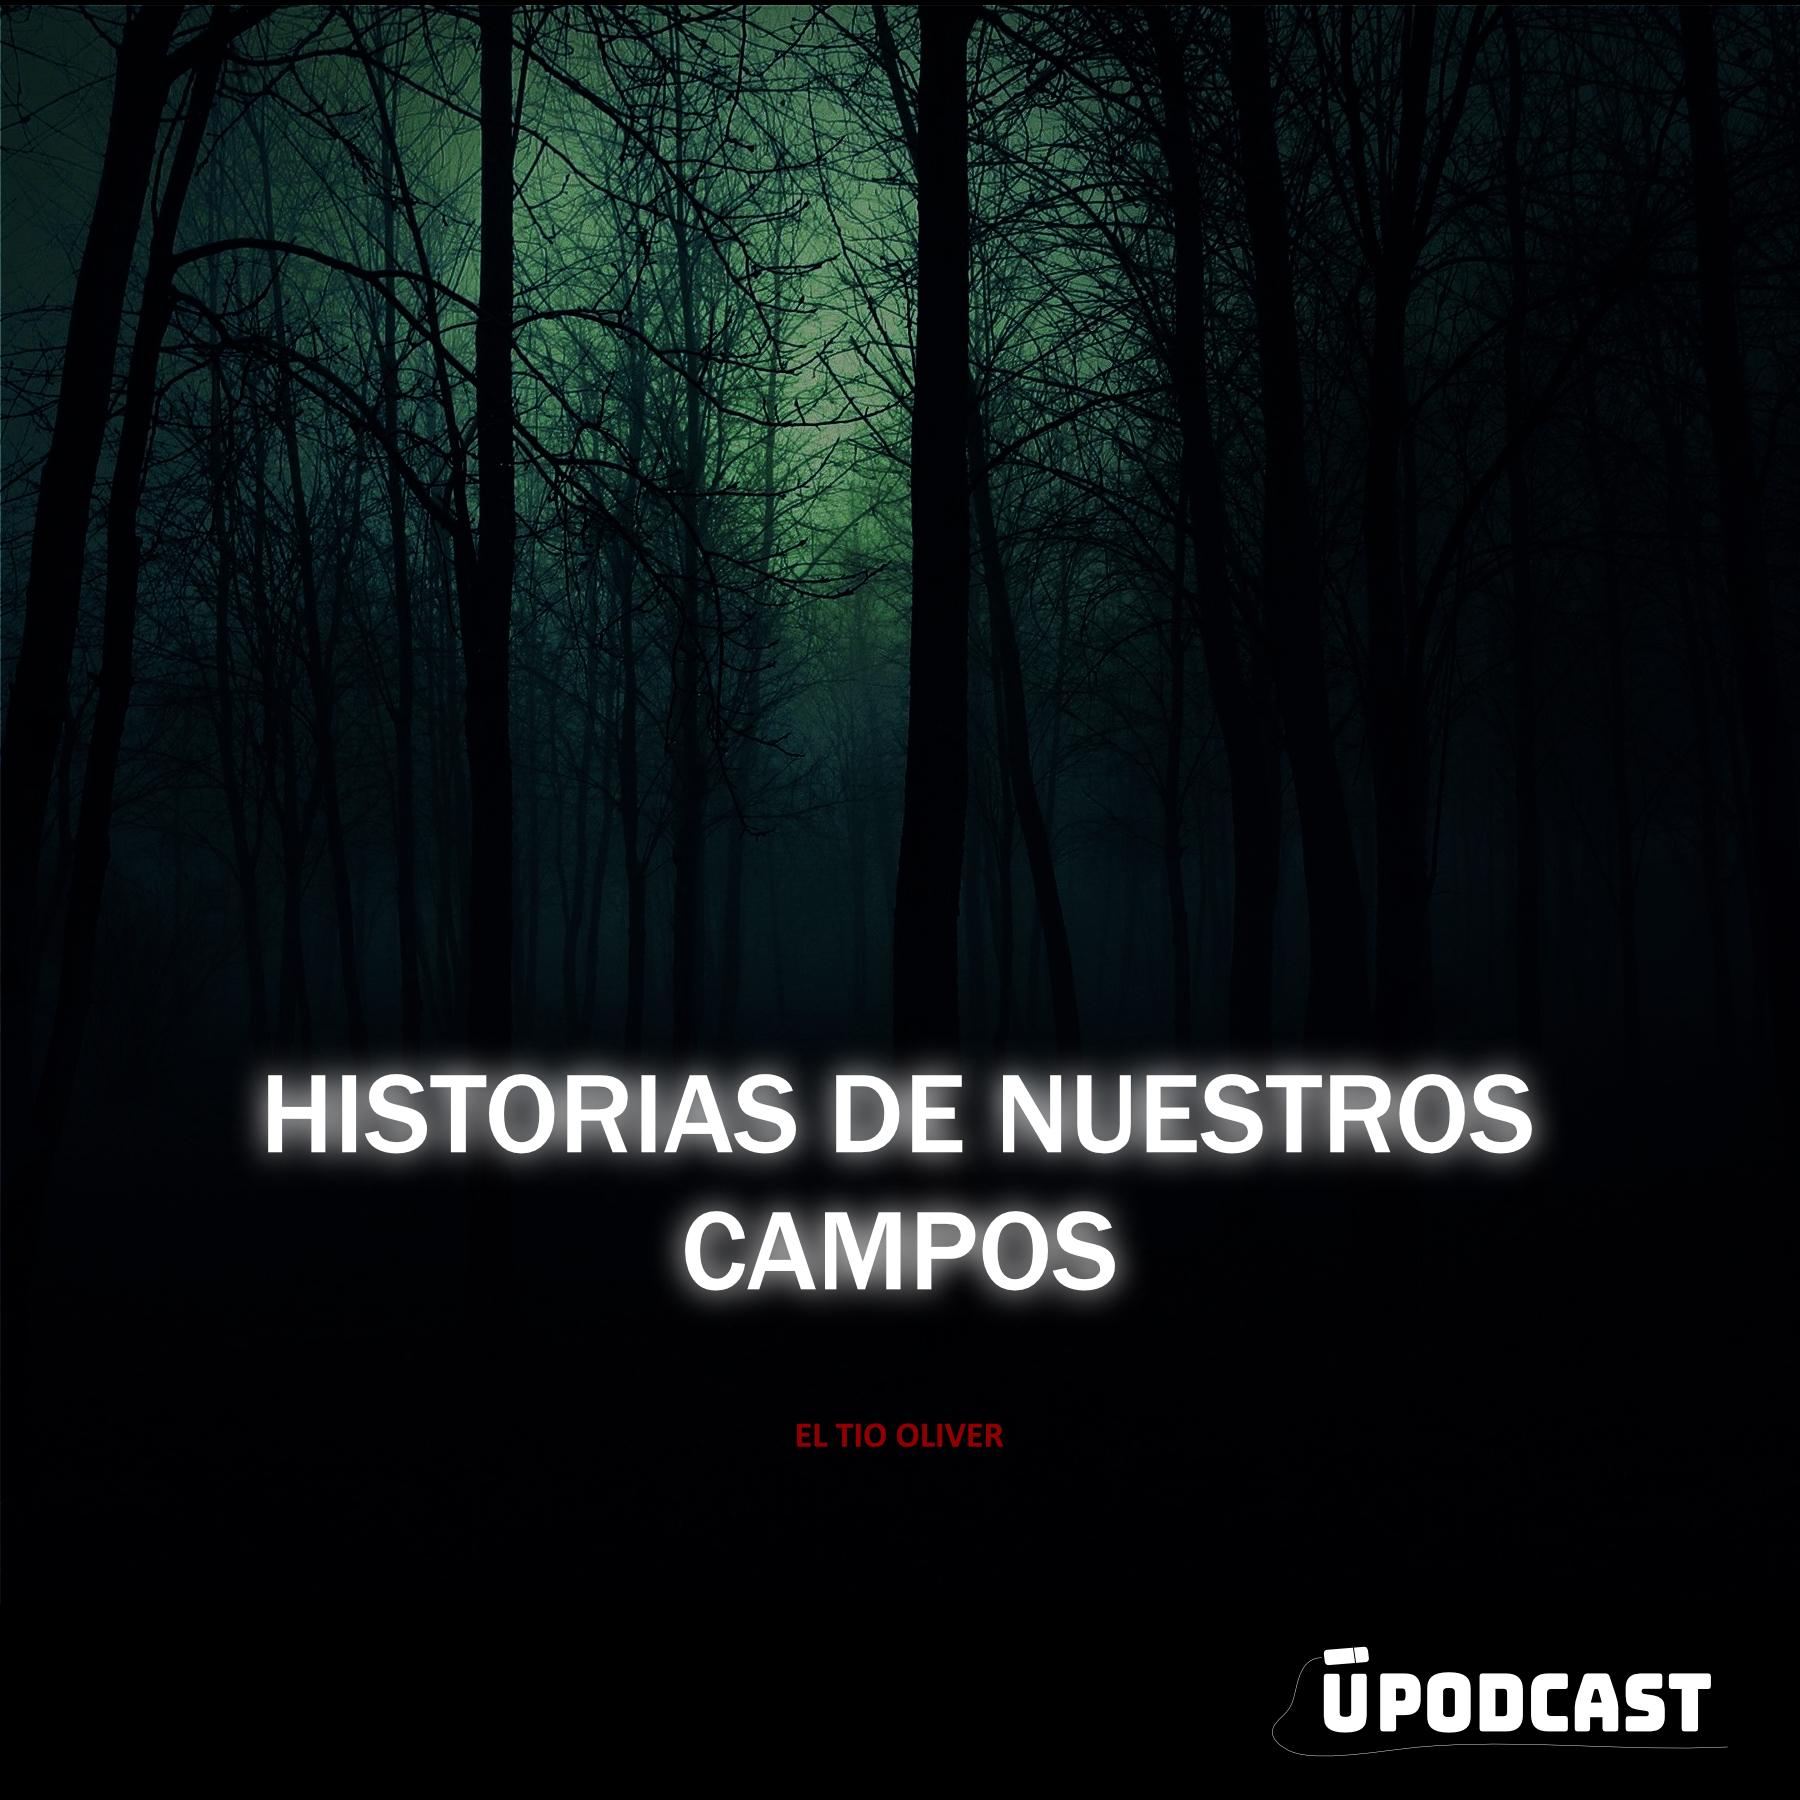 Historias de Nuestros Campos